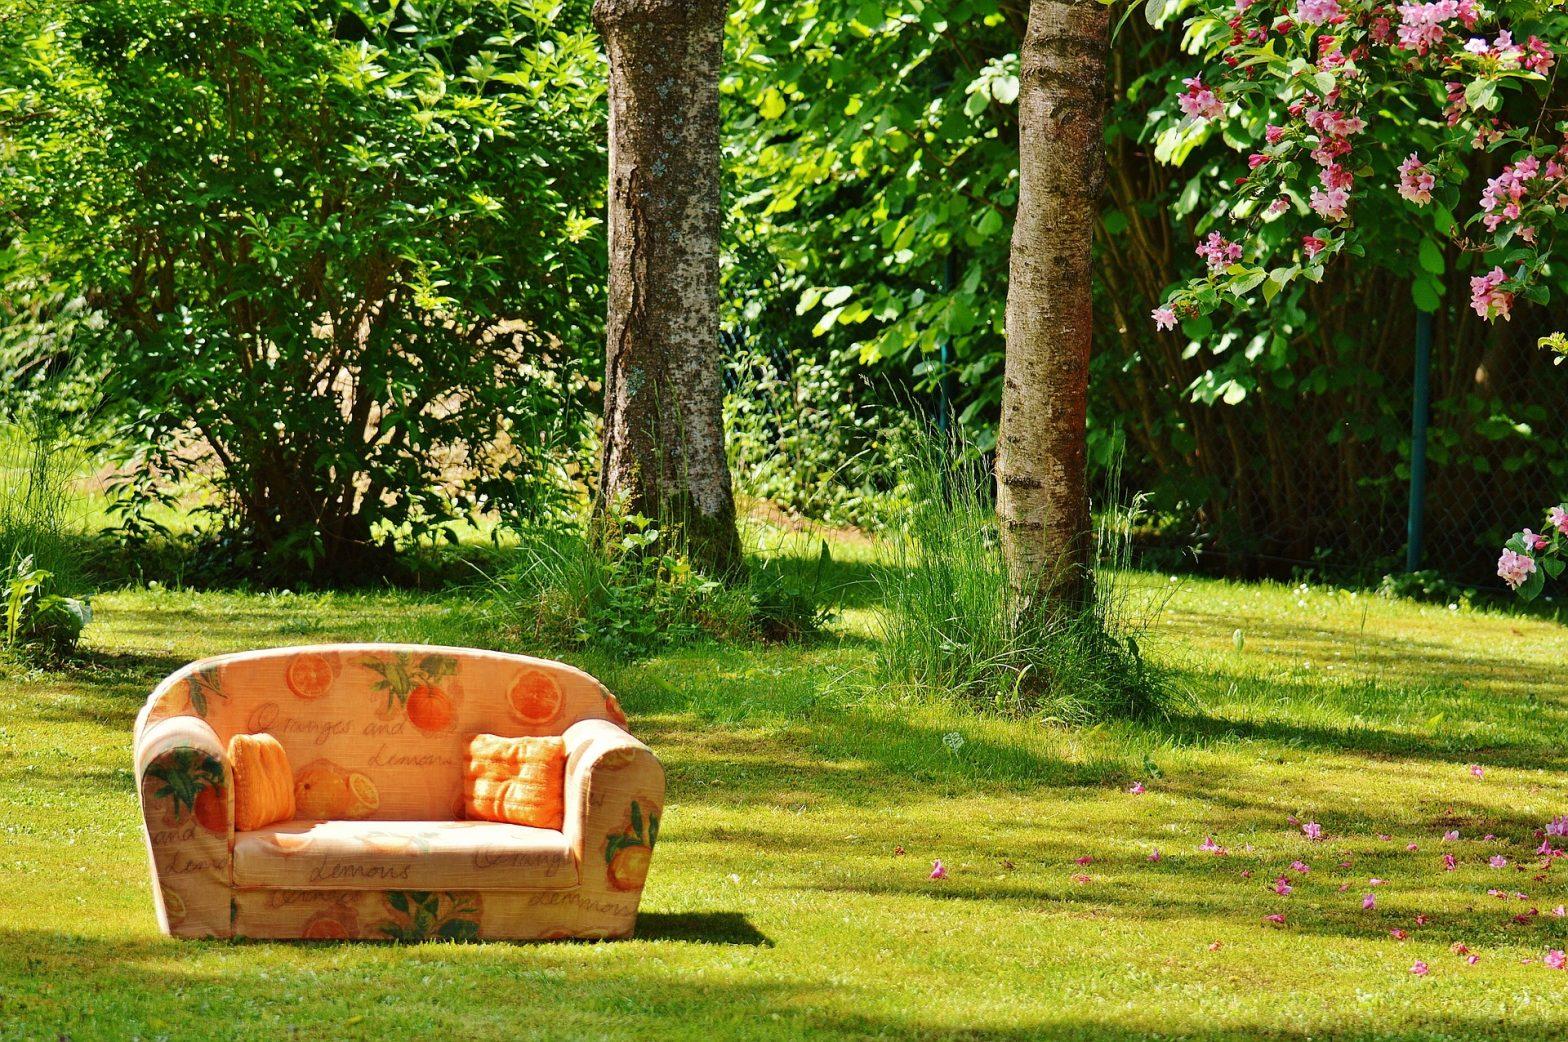 Sofa in woods